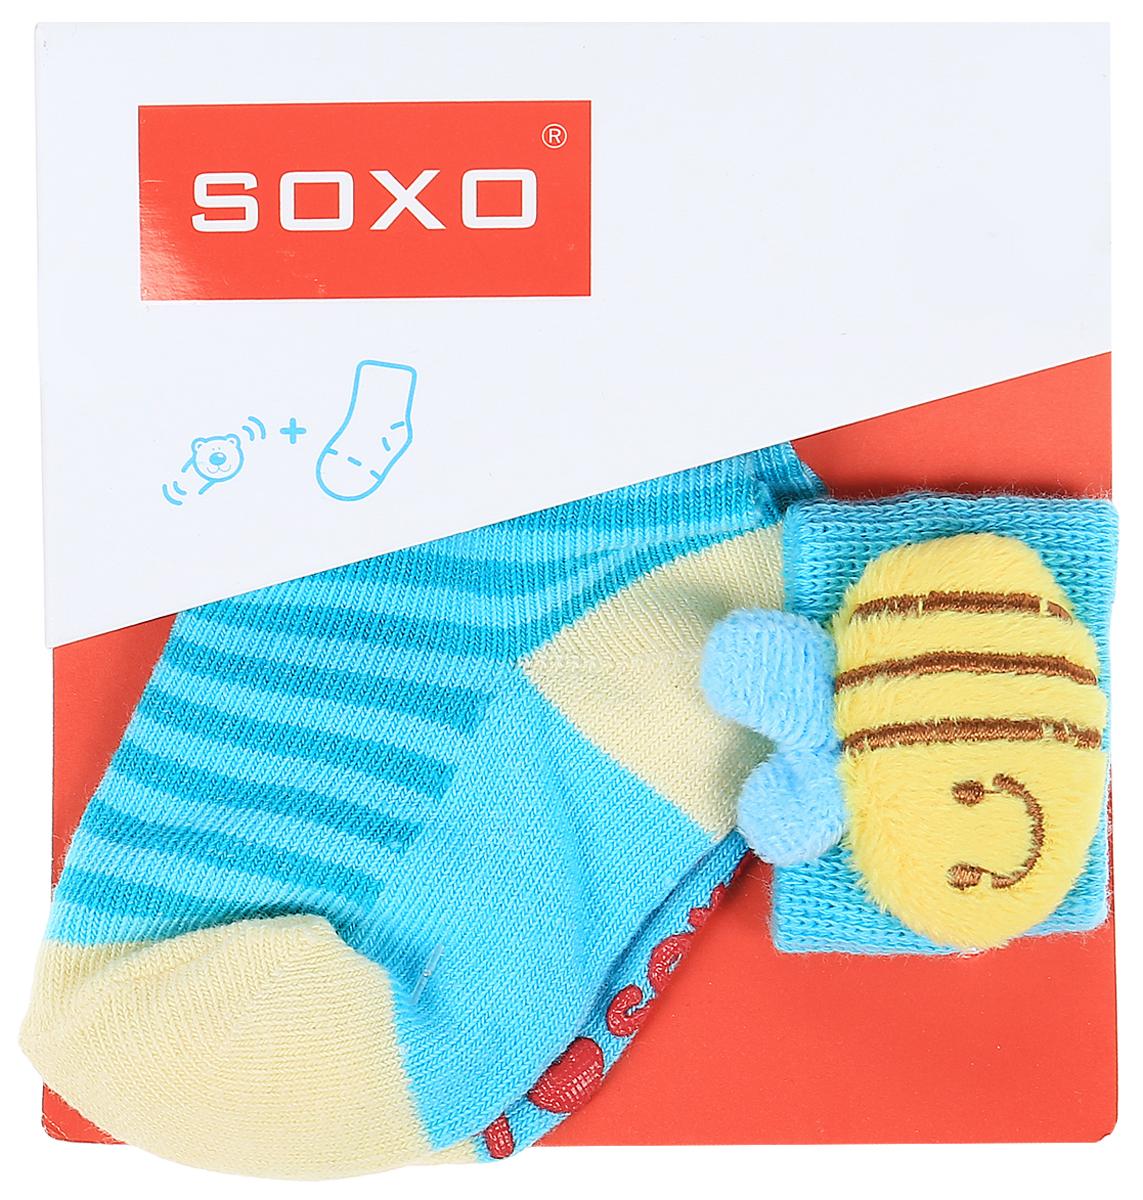 Комплект детский Soxo: носки и повязка на руку, цвет: голубой, бежевый. 68671_3. Размер 16/1868671_3